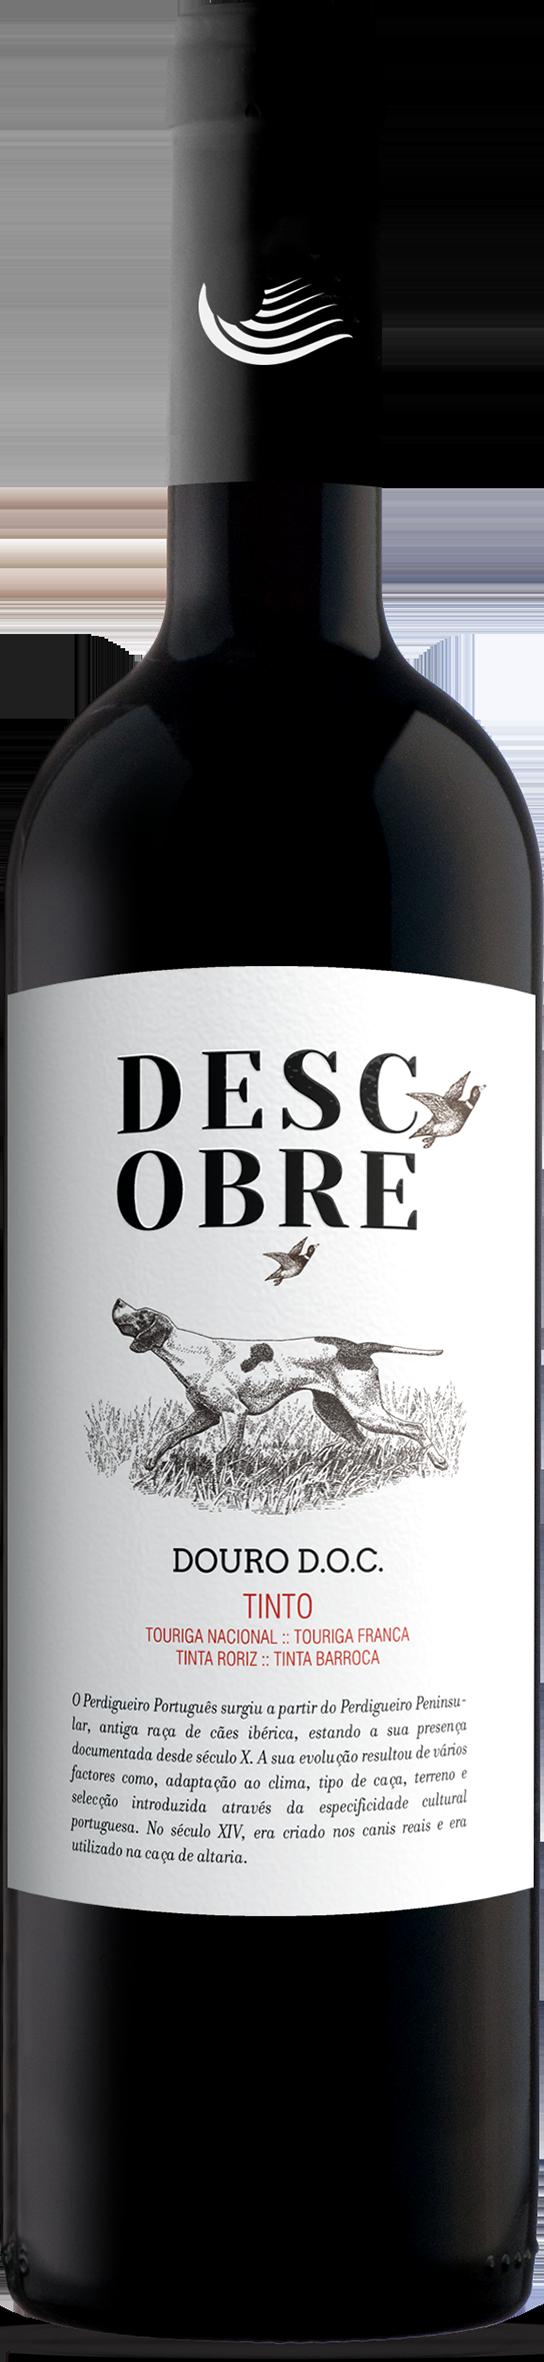 descobre-doc-douro-tinto- image